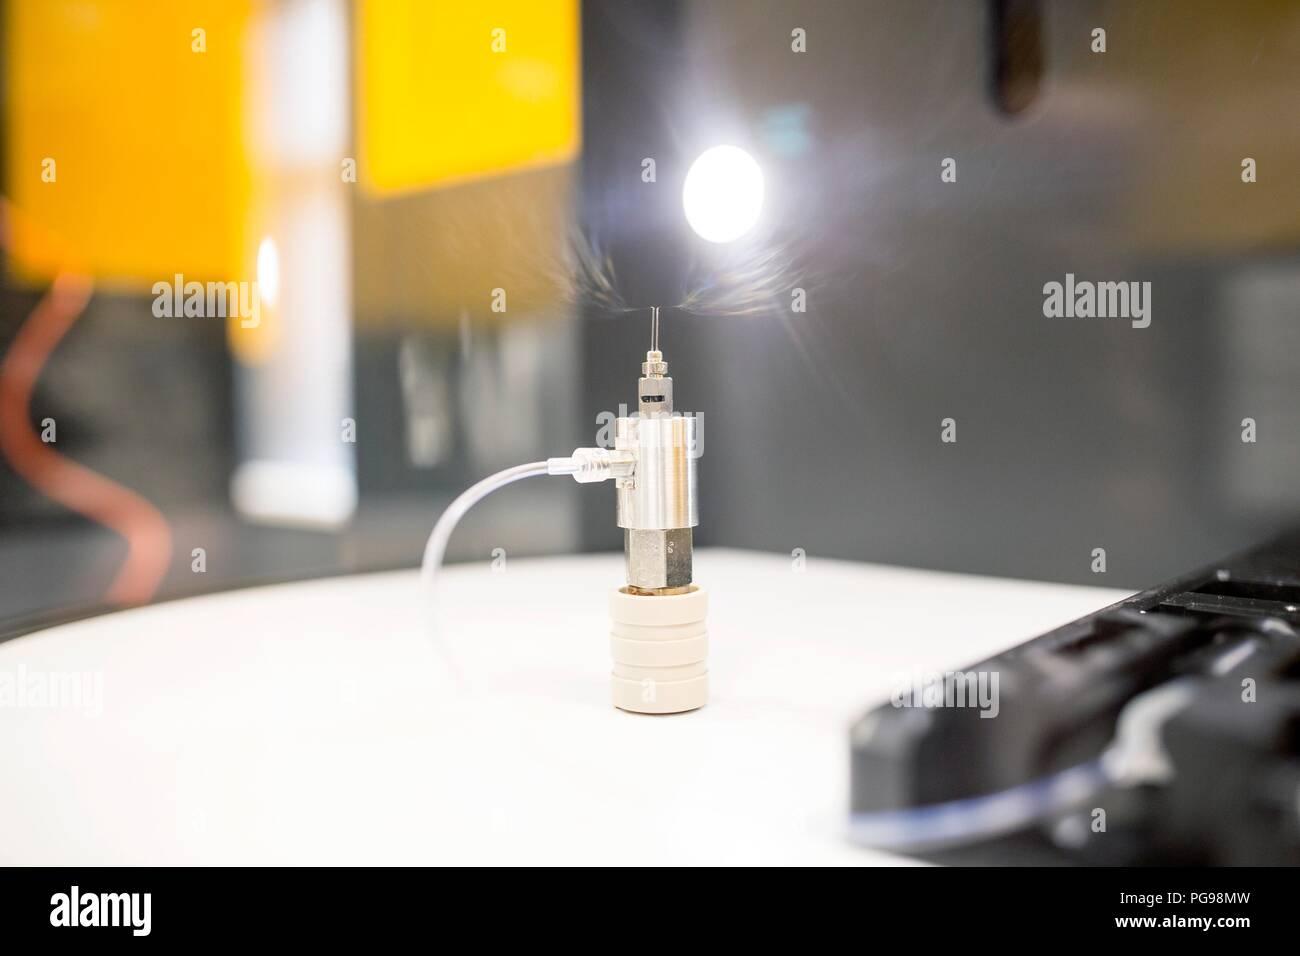 Close-up de una máquina electrospinning en un laboratorio de nanofibras. Este laboratorio está utilizando nanofibras para fabricar materiales biodegradables para tejidos de los andamios. Imagen De Stock